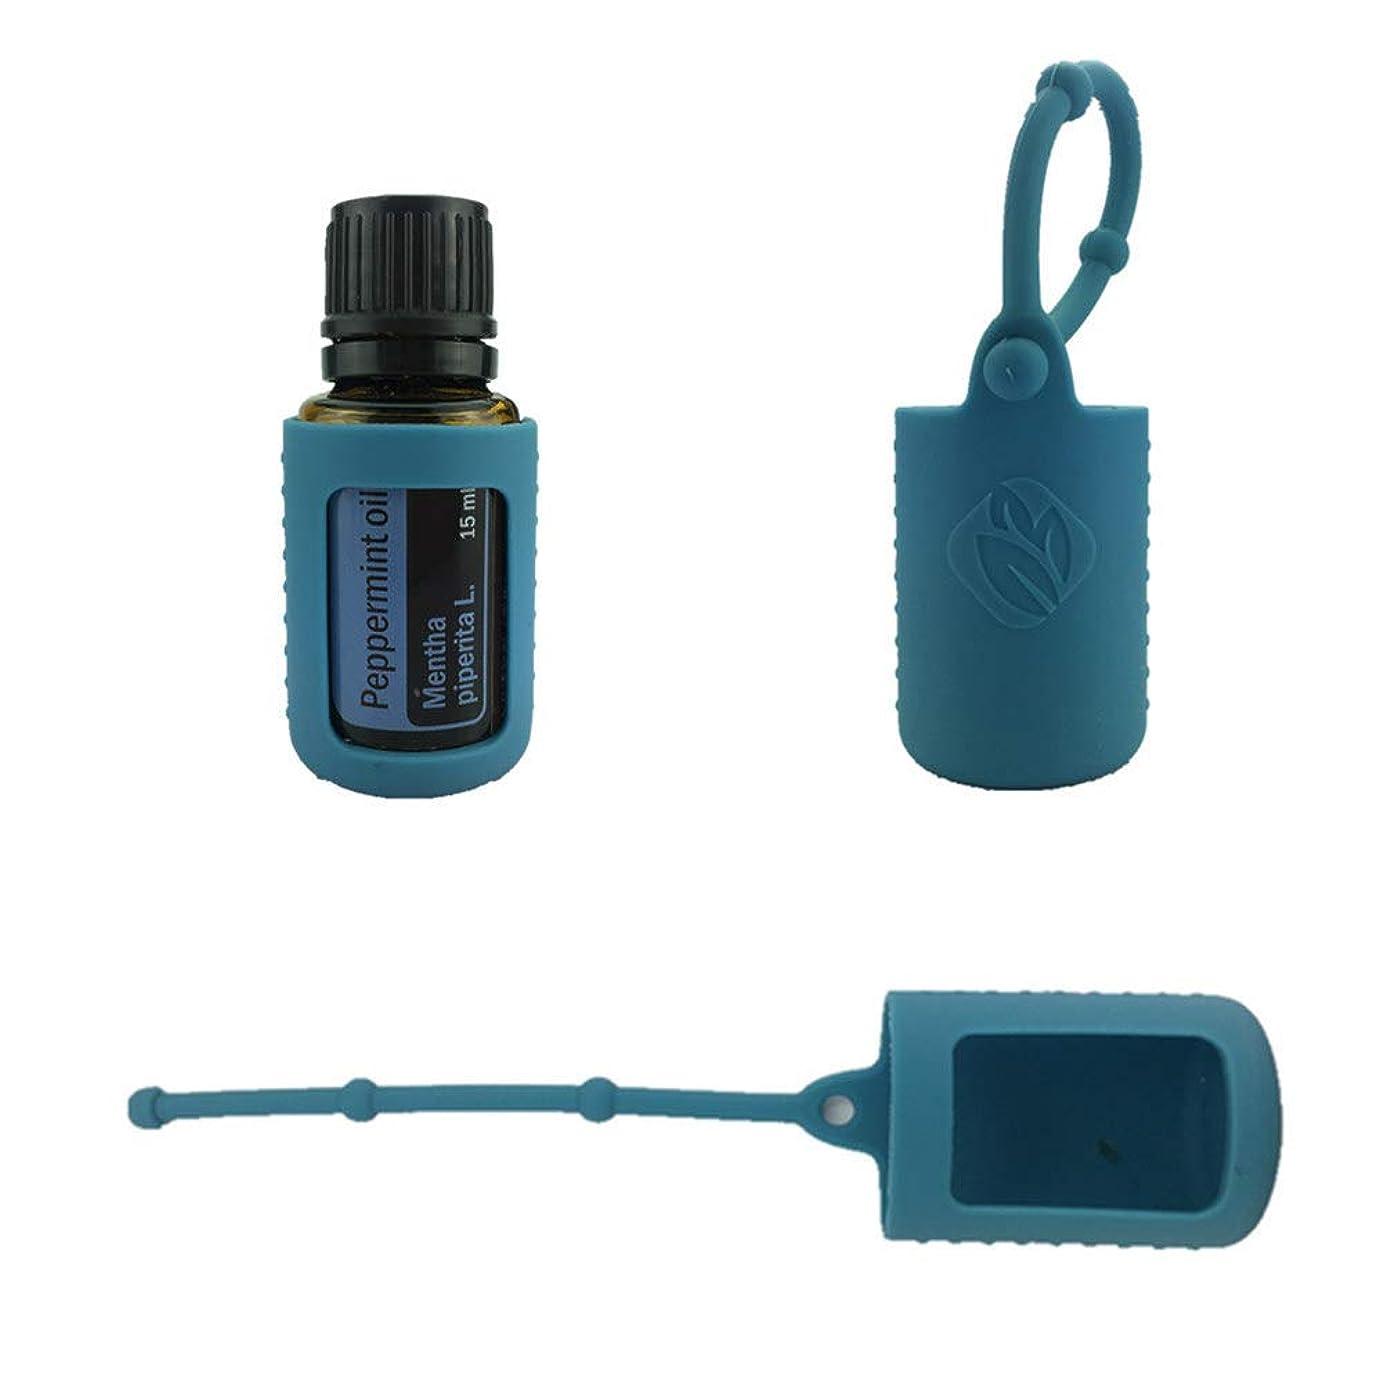 ボイコットベーコン五月6パック熱望オイルボトルシリコンローラーボトルホルダースリーブエッセンシャルオイルボトル保護カバーケースハングロープ - ダンク ブルー - 6-pcs 5ml